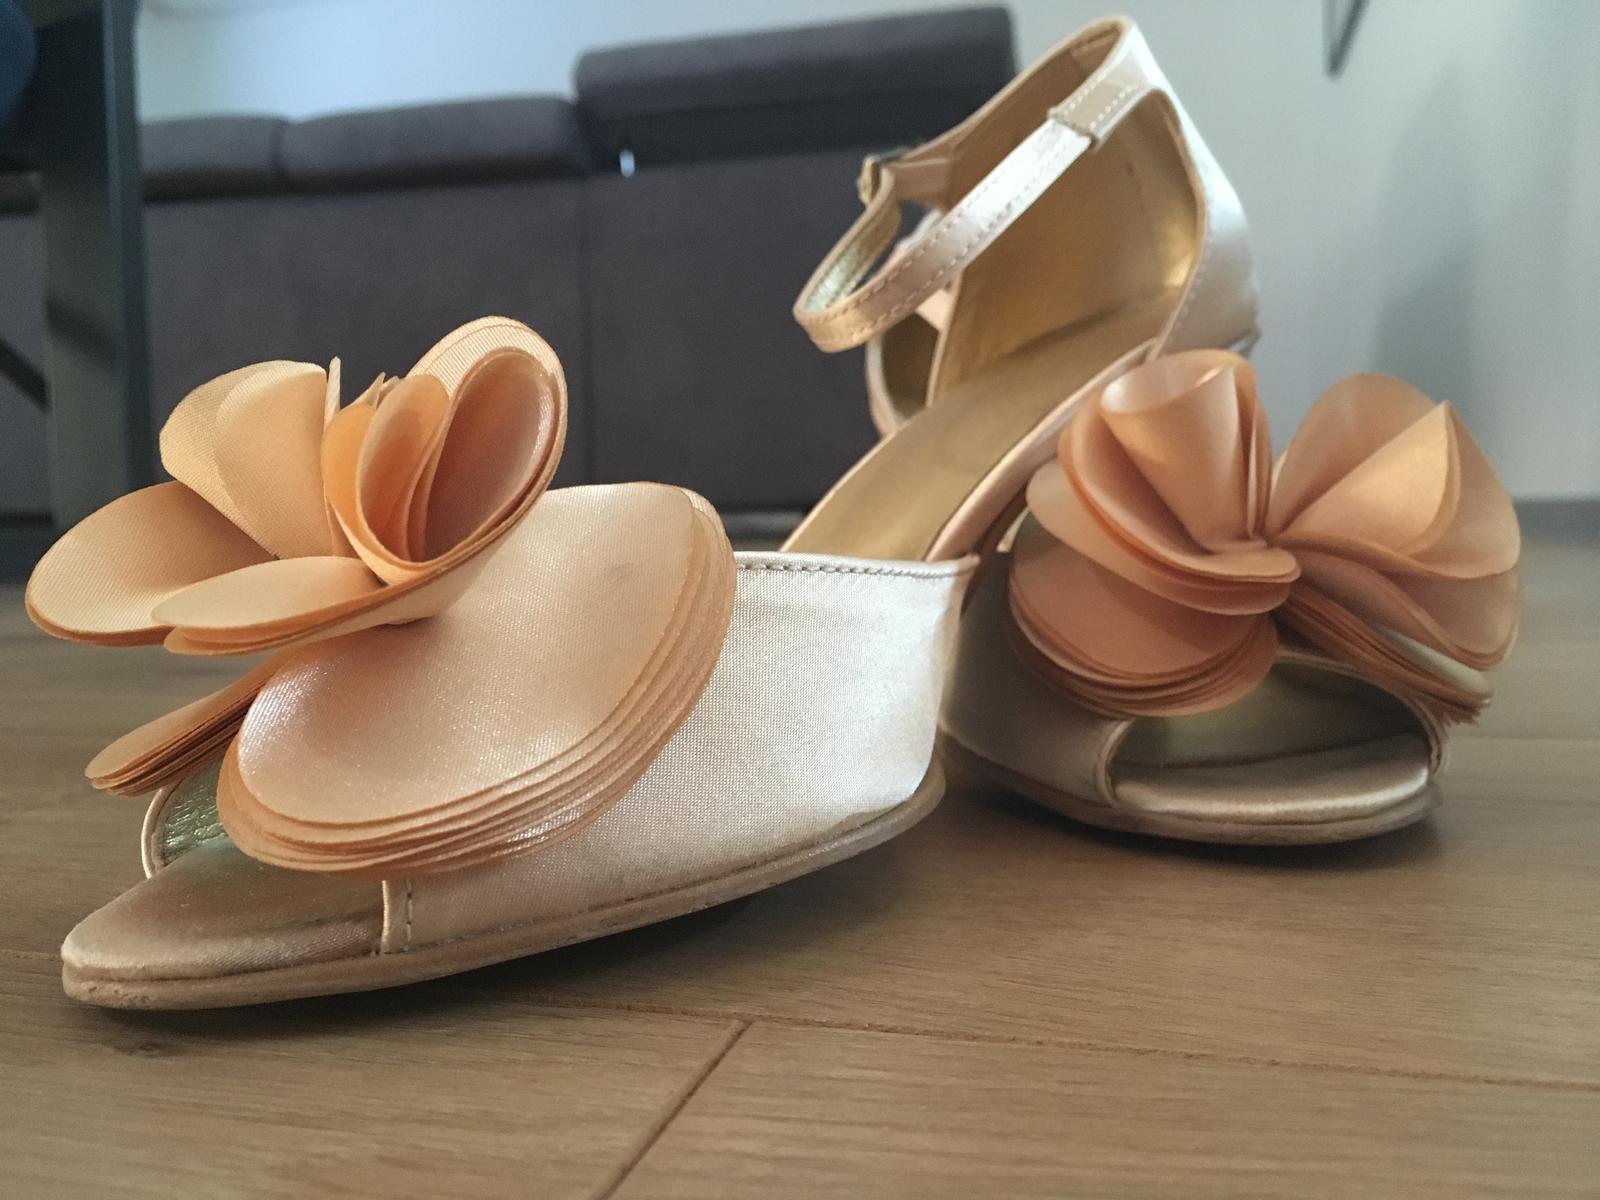 Tanečné sandálky z popelkateam - Obrázok č. 1